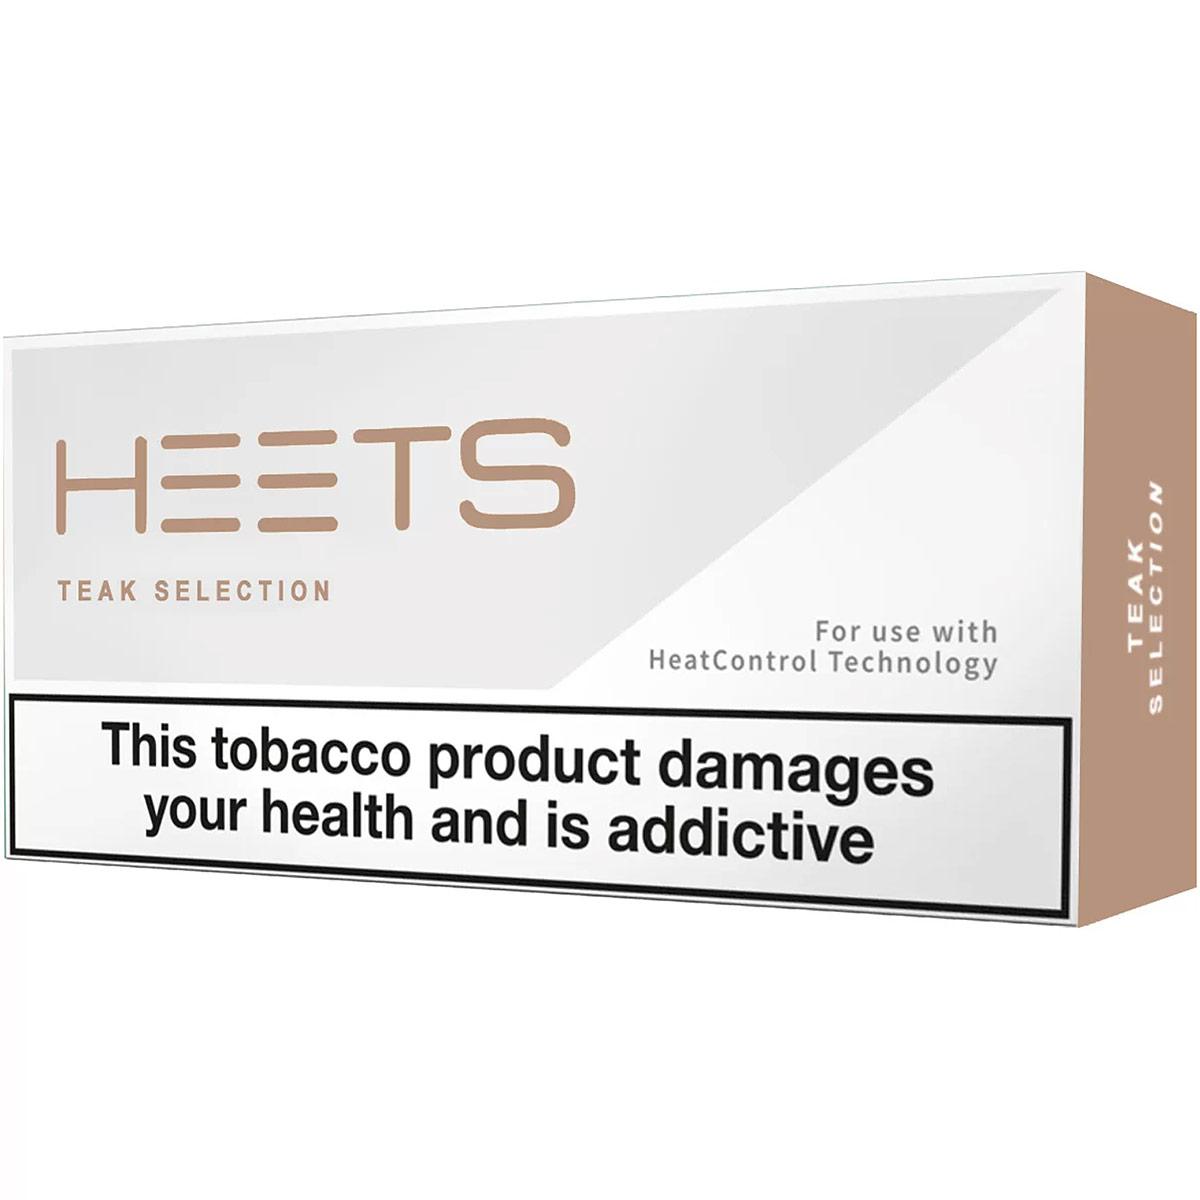 Heets - Teak Selection